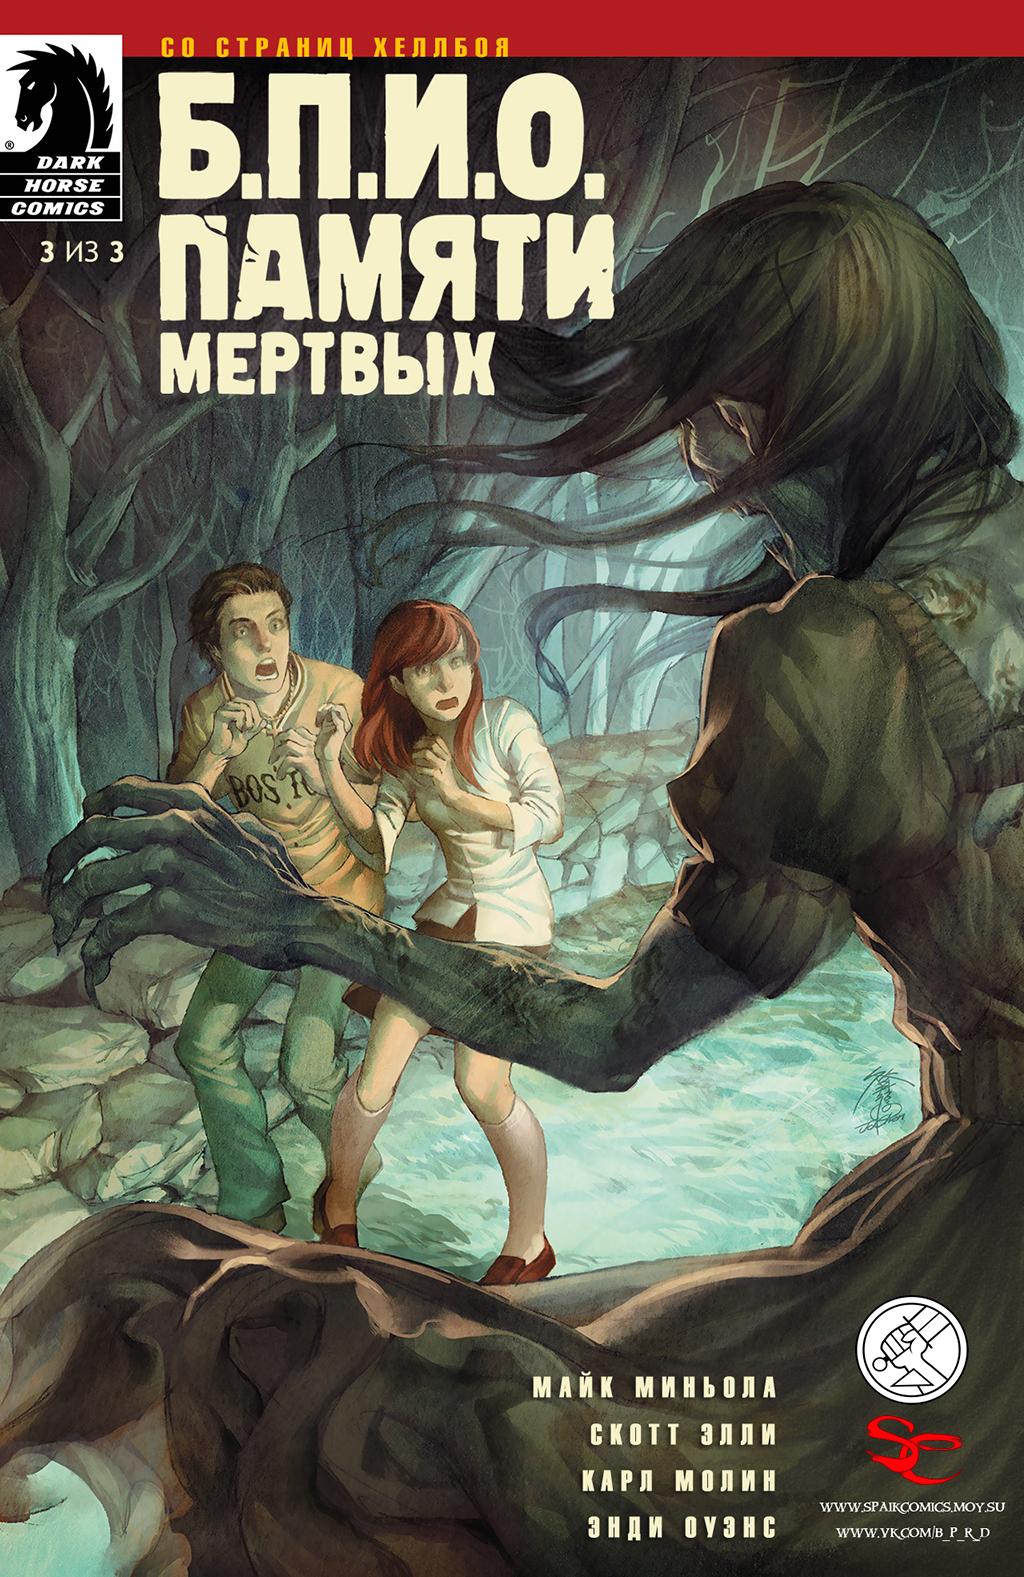 Комикс Б.П.И.О.: Памяти Мертвых